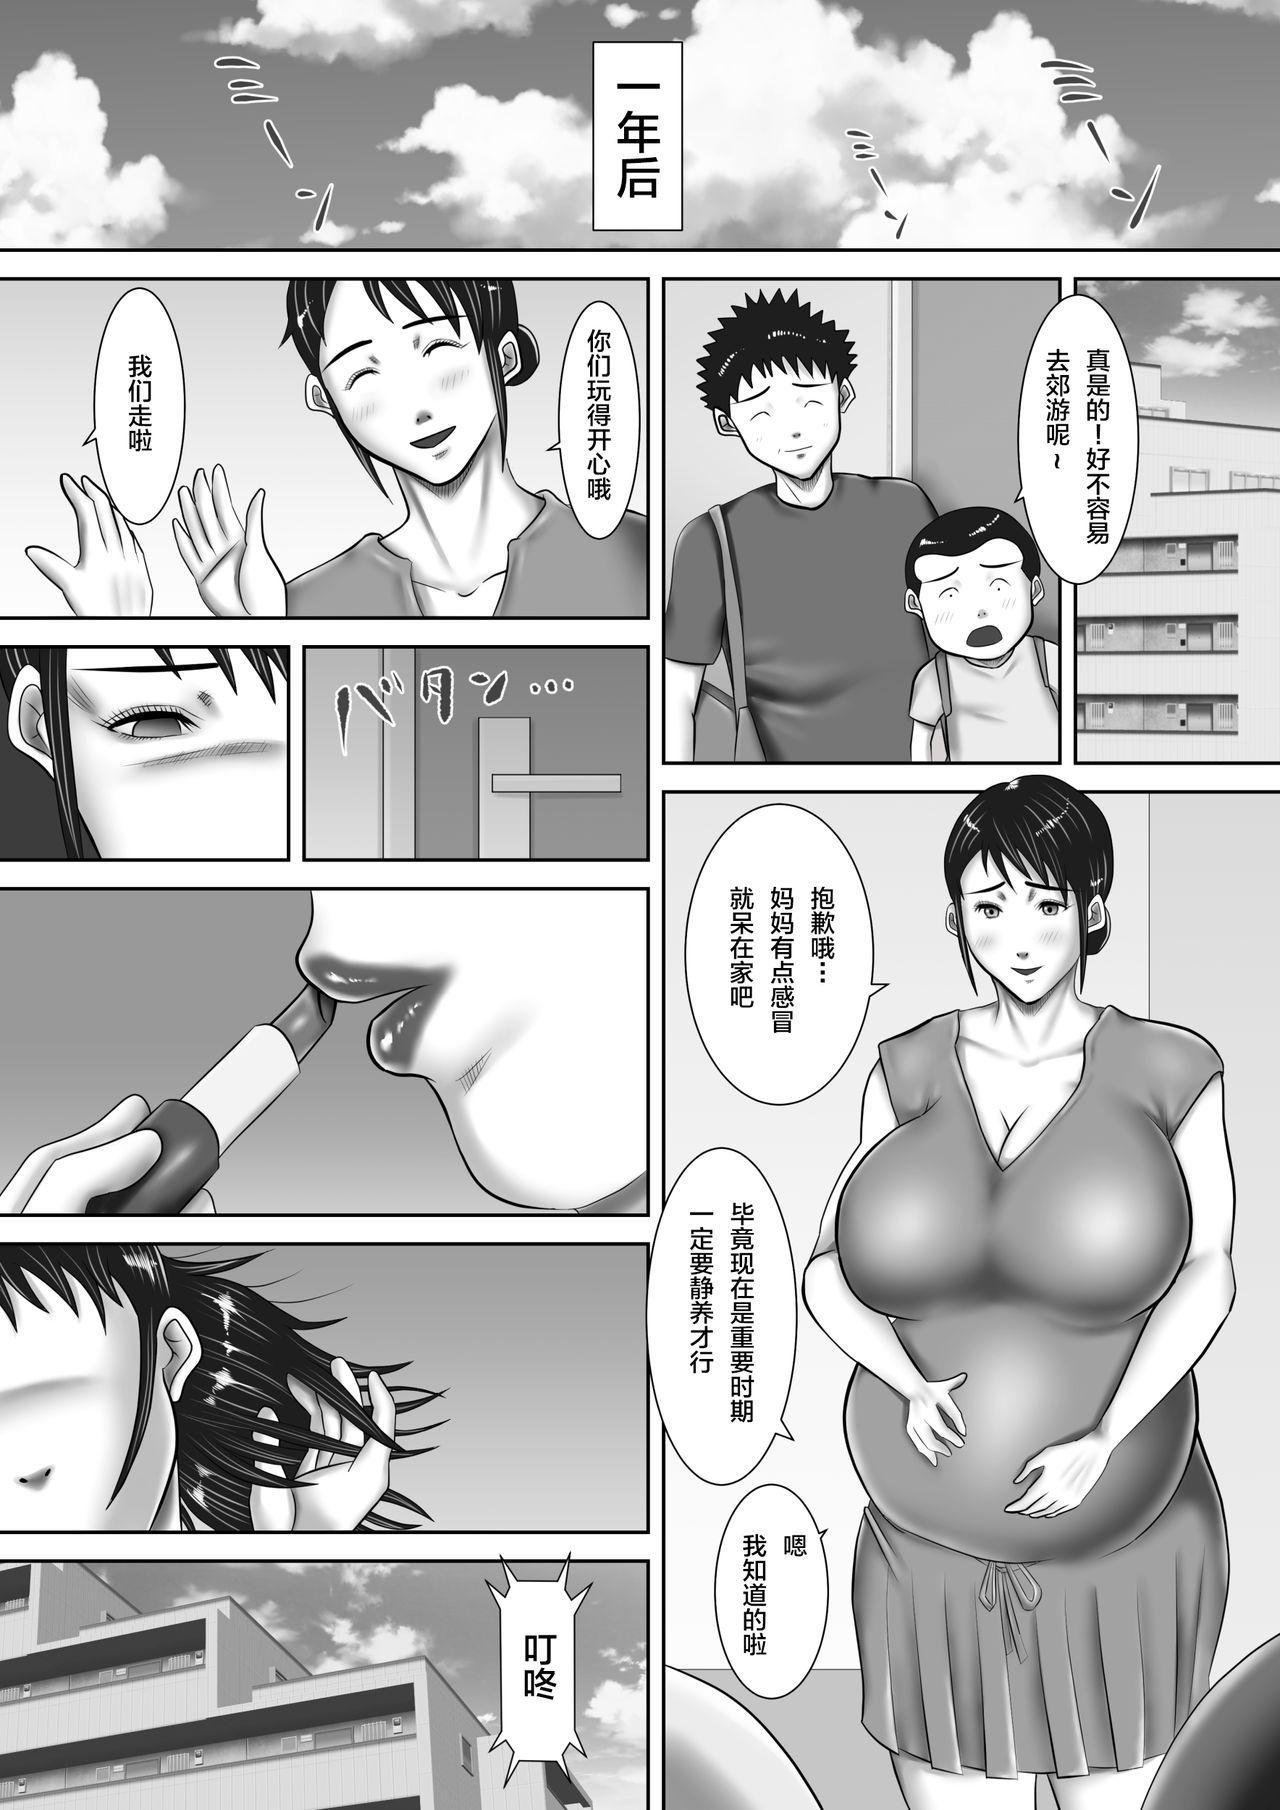 Jitaku de Netorareta Kachiki na Hitozuma 48